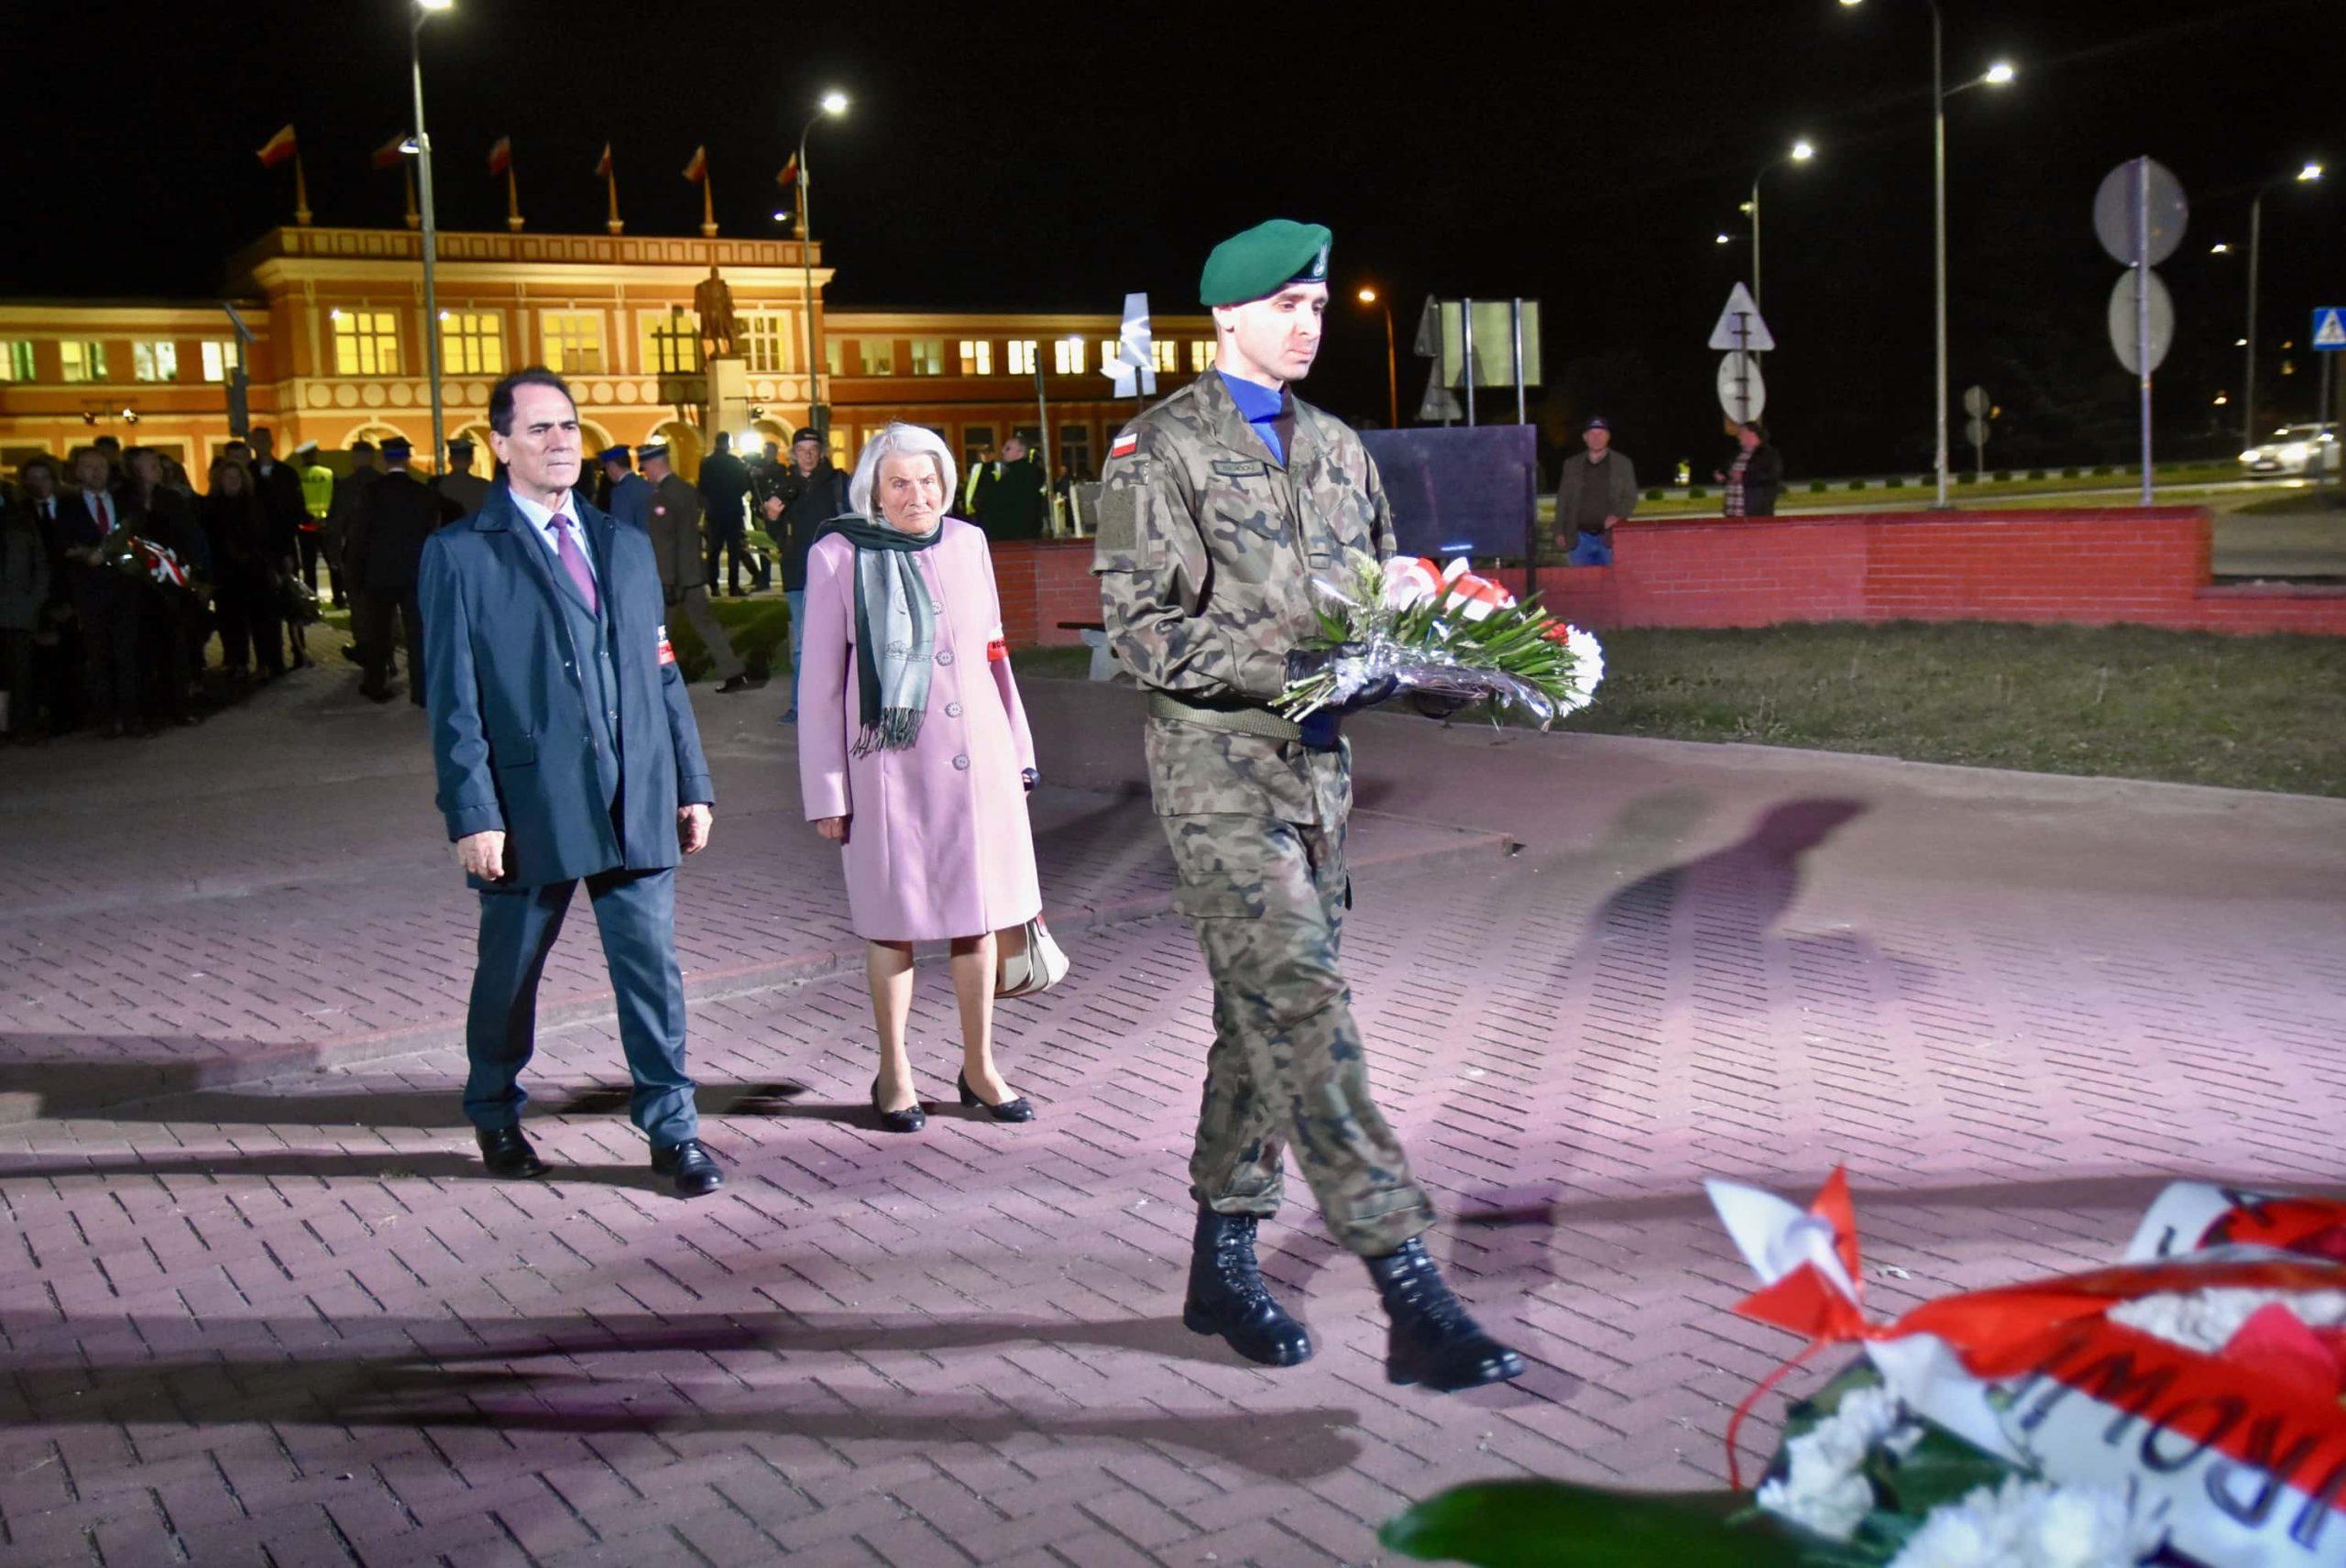 dsc 7800 scaled 80. rocznica agresji sowieckiej na Polskę - uroczystości w Zamościu